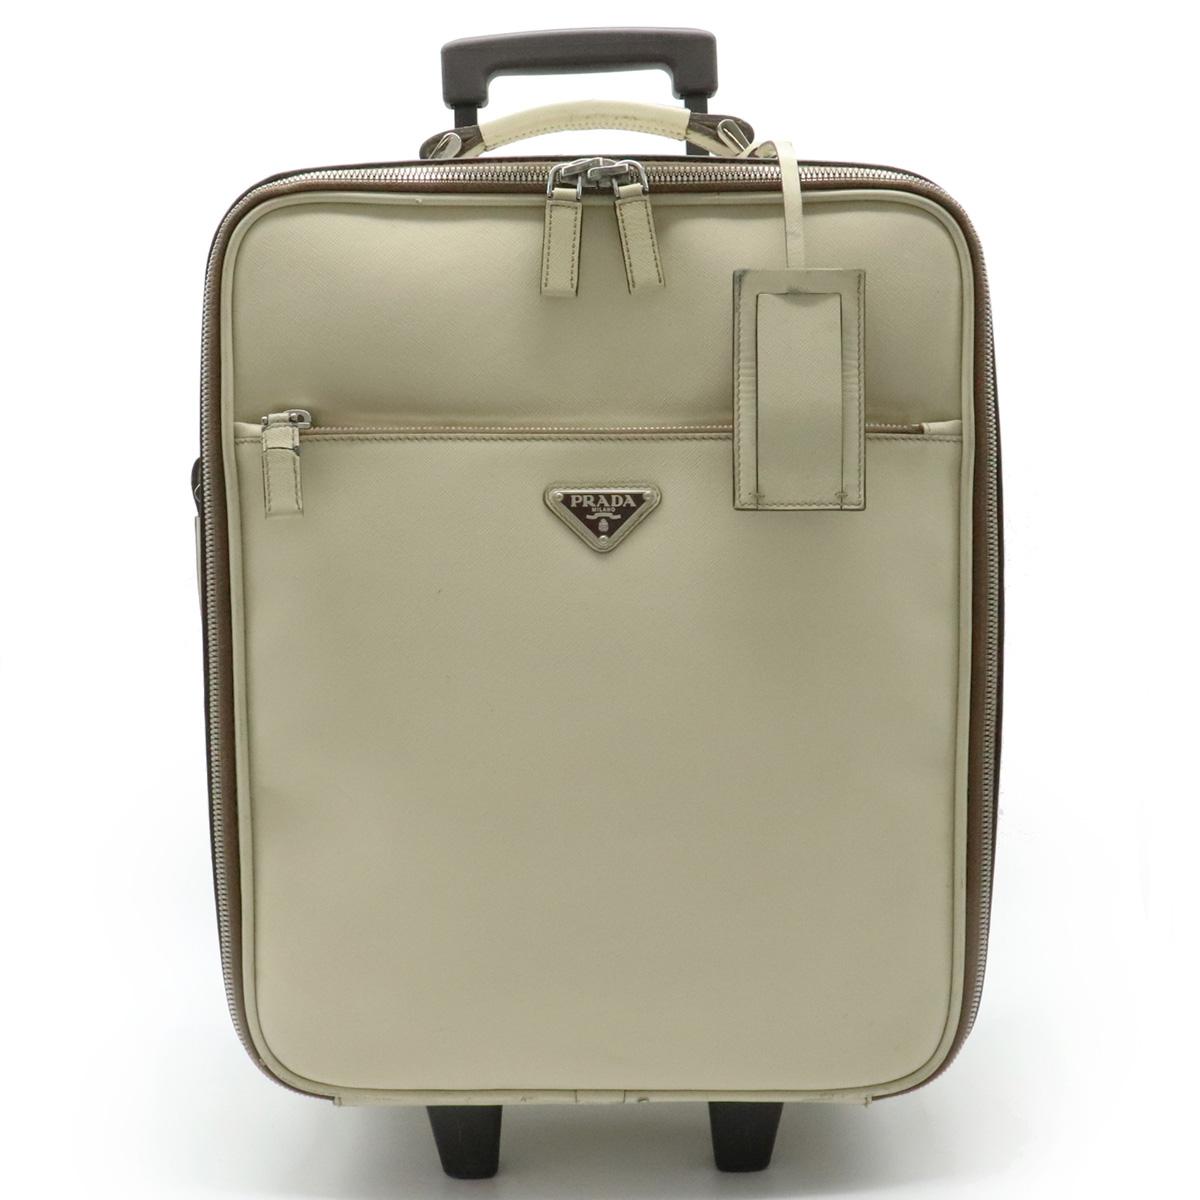 【バッグ】PRADA プラダ サフィアーノ キャリーバッグ キャリーケース スーツケース トロリーバッグ 旅行カバン レザー CERA アイボリー 白 VV0031 【中古】